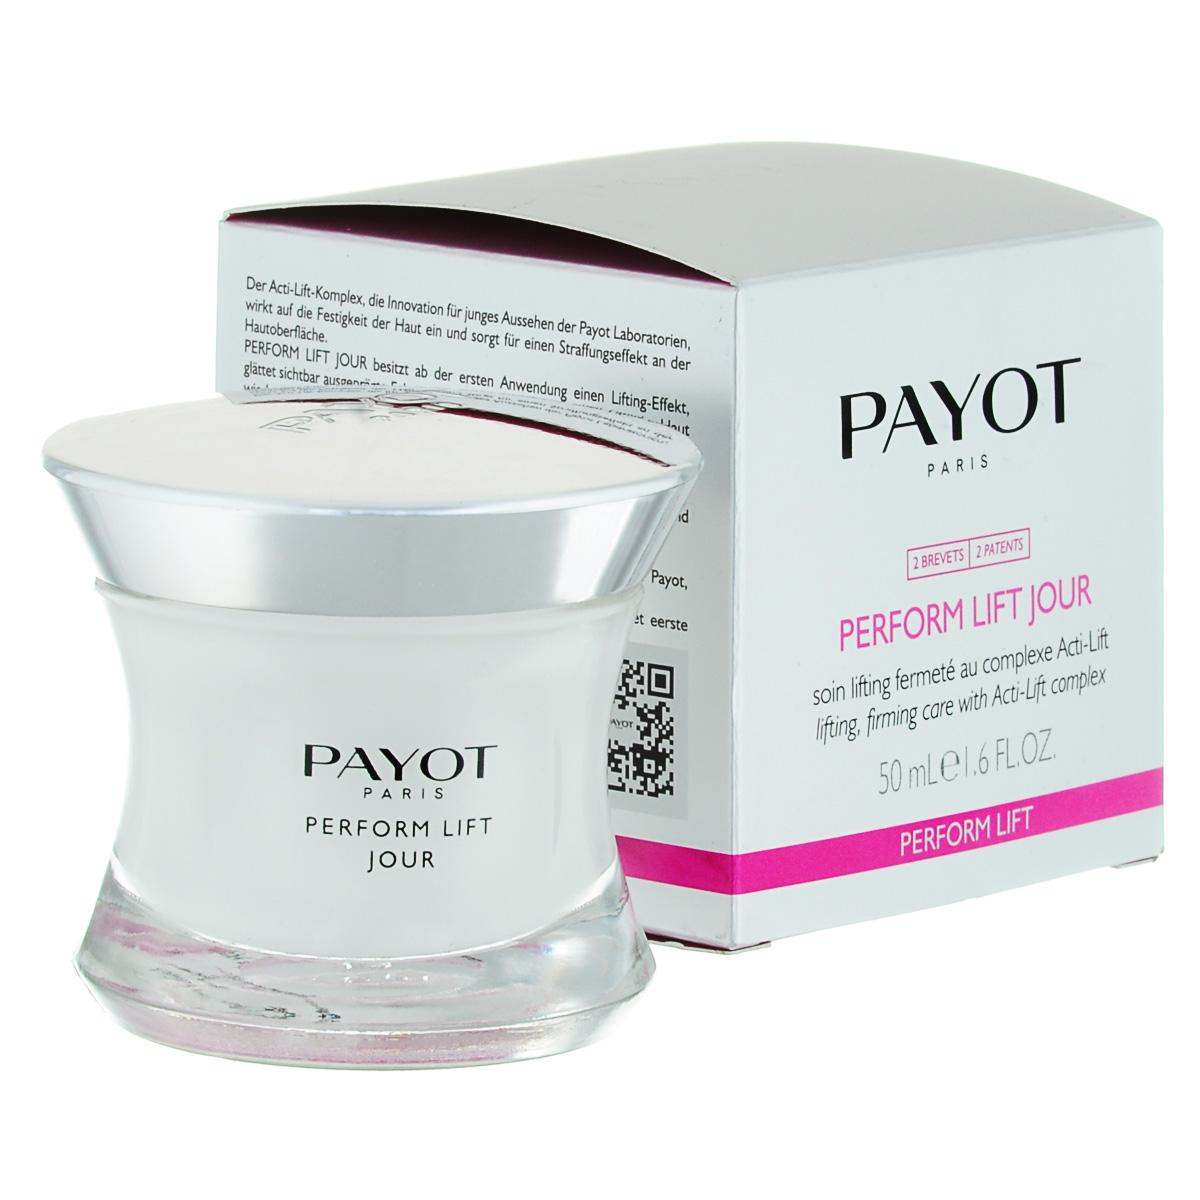 Payot Укрепляющее и подтягивающее средство Perform Lift для лица 50 мл65092093подтягивает и разглаживает кожу; возвращает коже упругость и эластичность; заметно разглаживает глубокие морщины